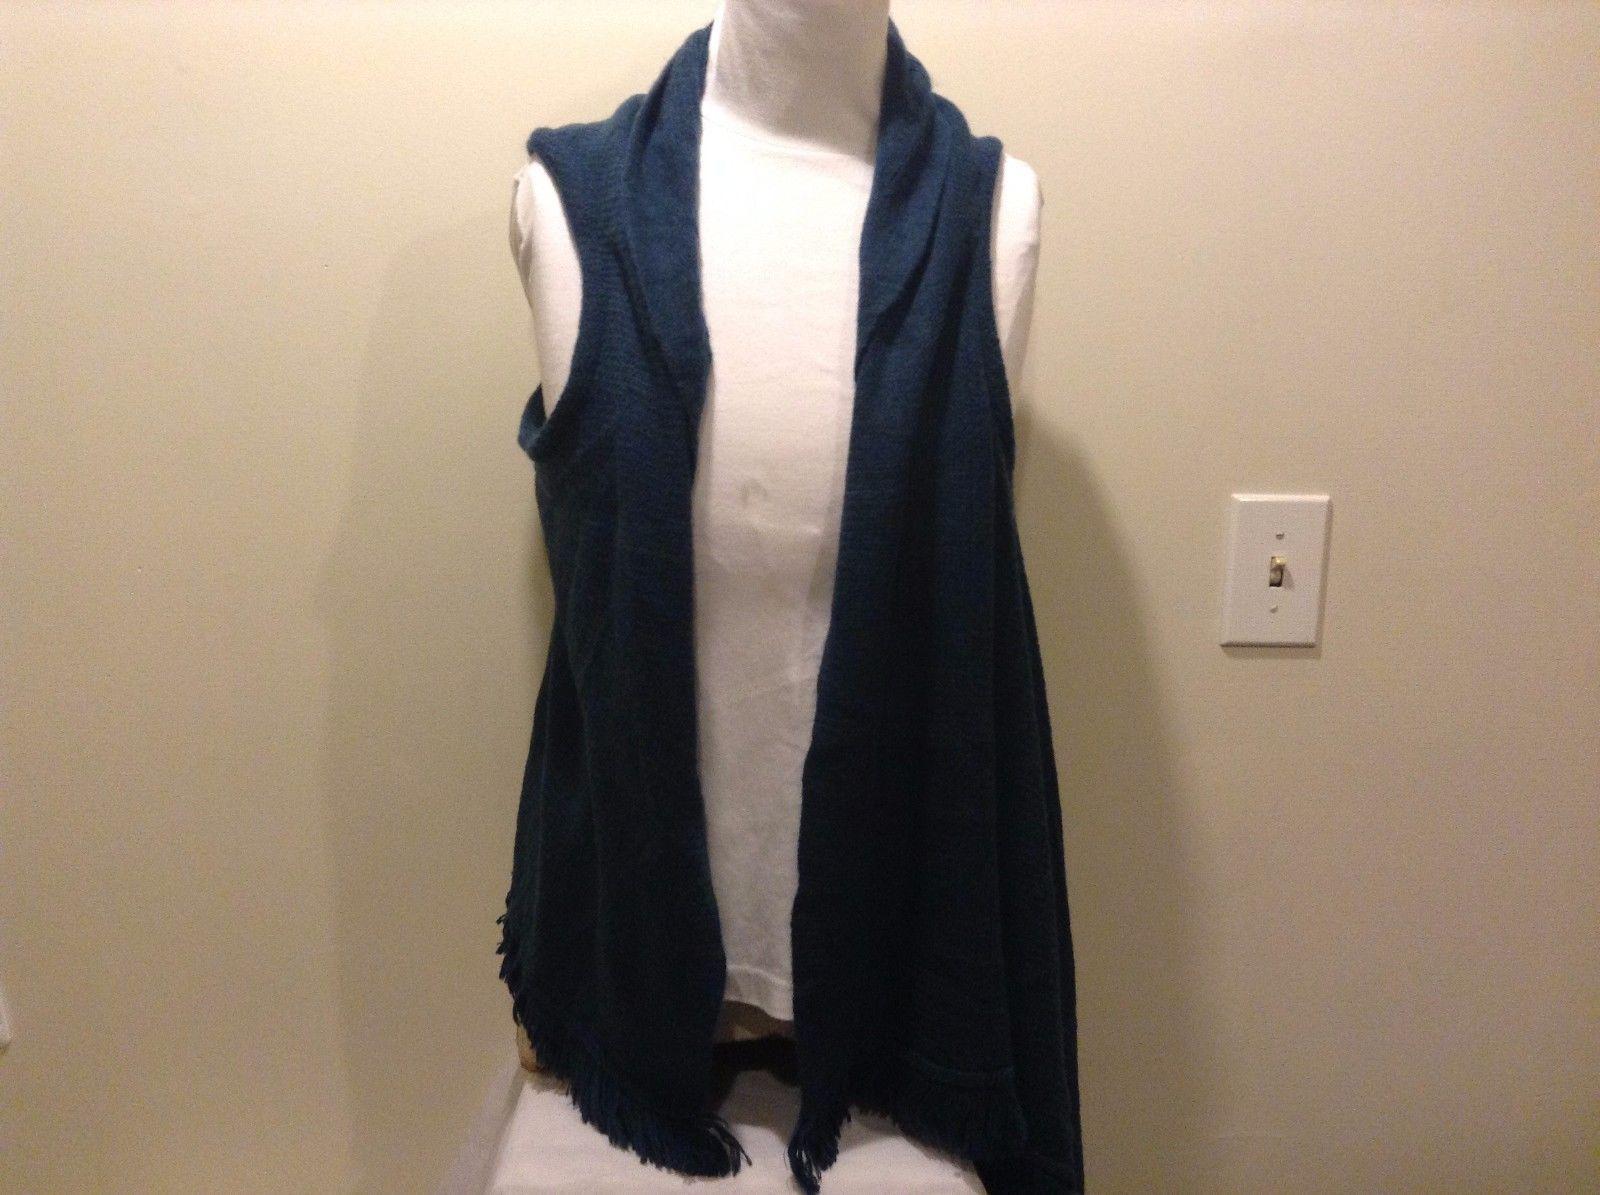 Blue Sleeved Shawl Vest With Fridge